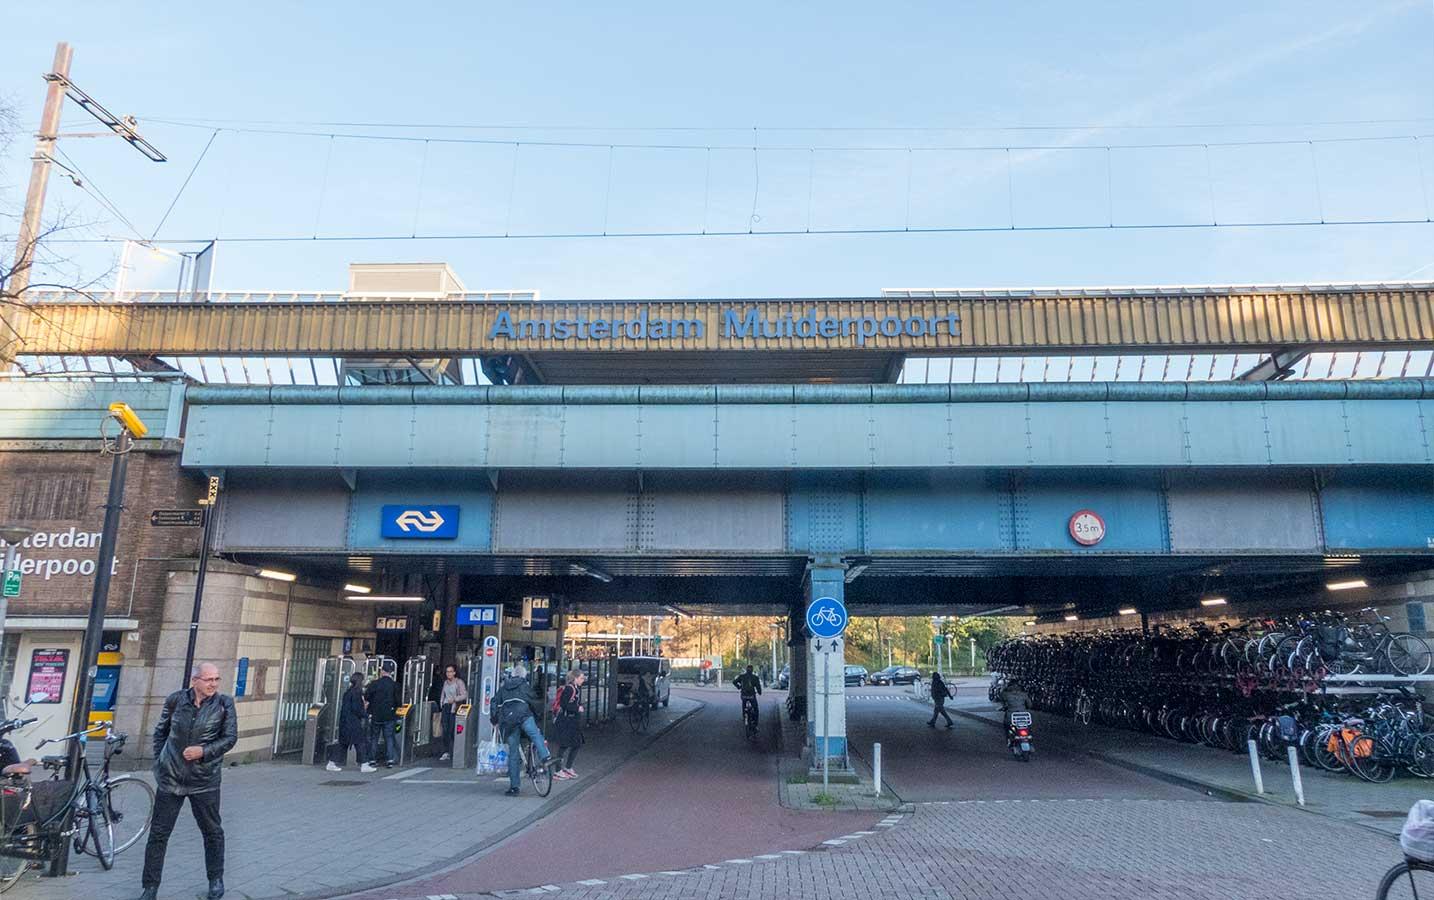 Ingang Muiderpoortstation aan einde Domselaerstraat. Viaduct met fietsenstalling eronder